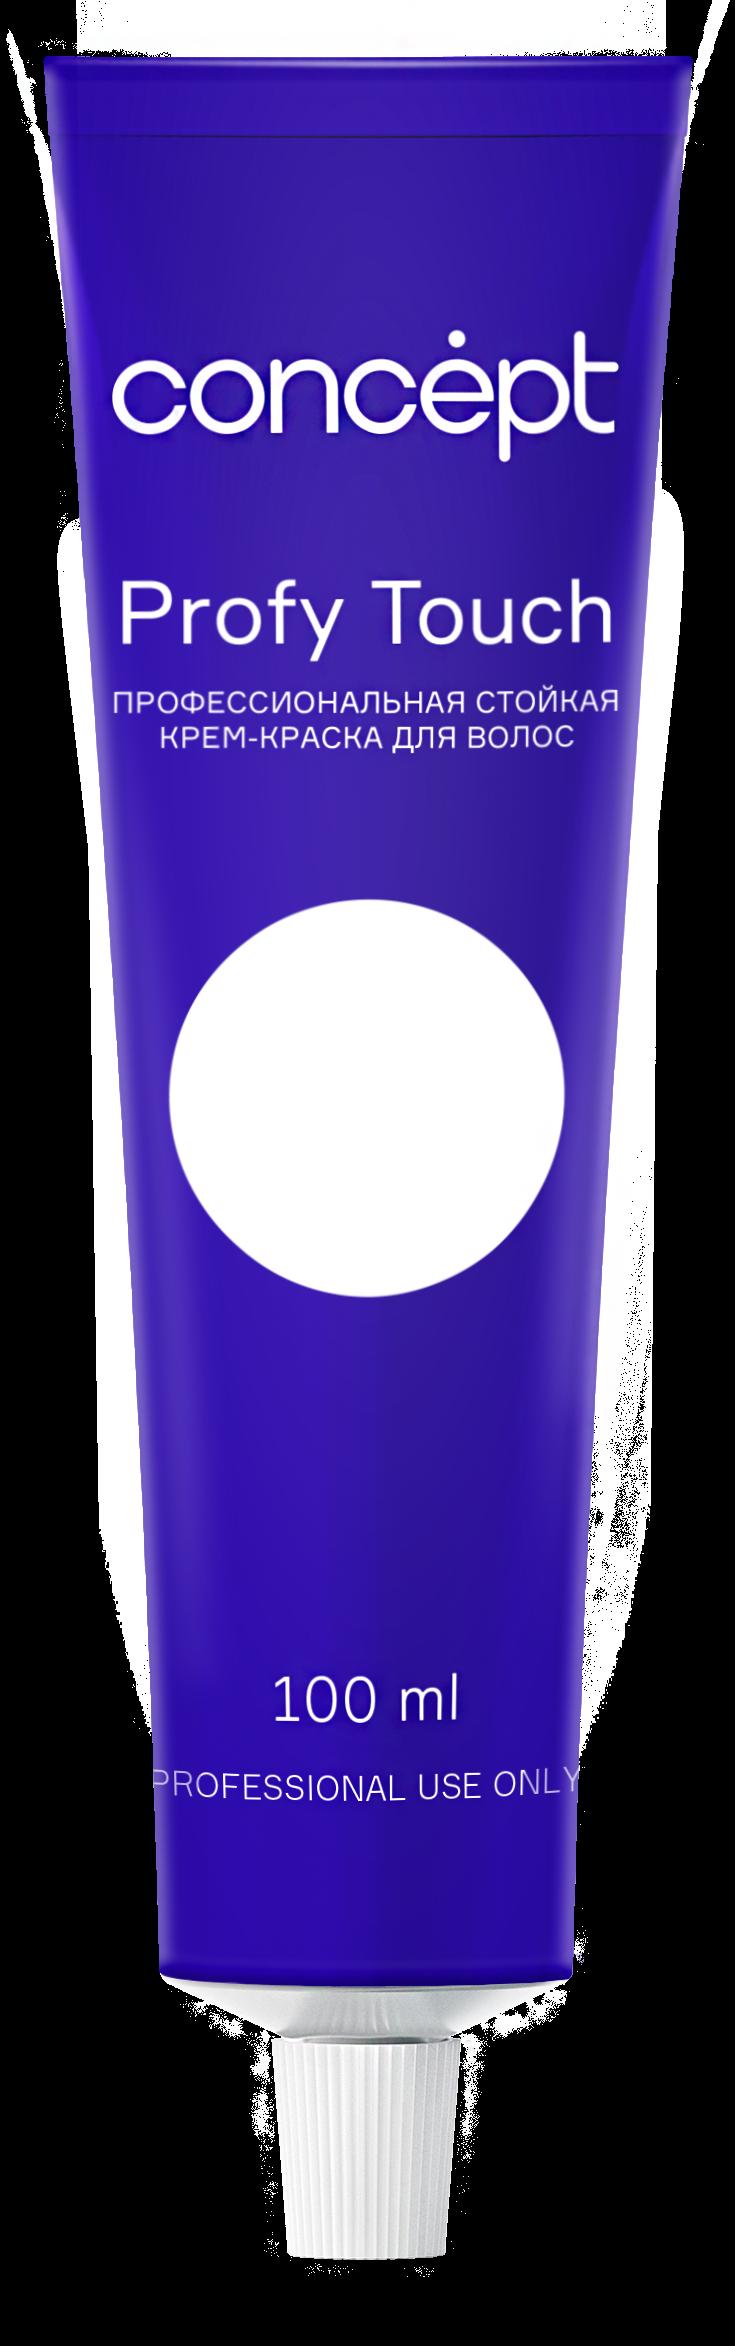 Concept Крем-Краска Profy Touch Стойкая для Волос, 100 мл краска для волос concept concept co066lwbokf3